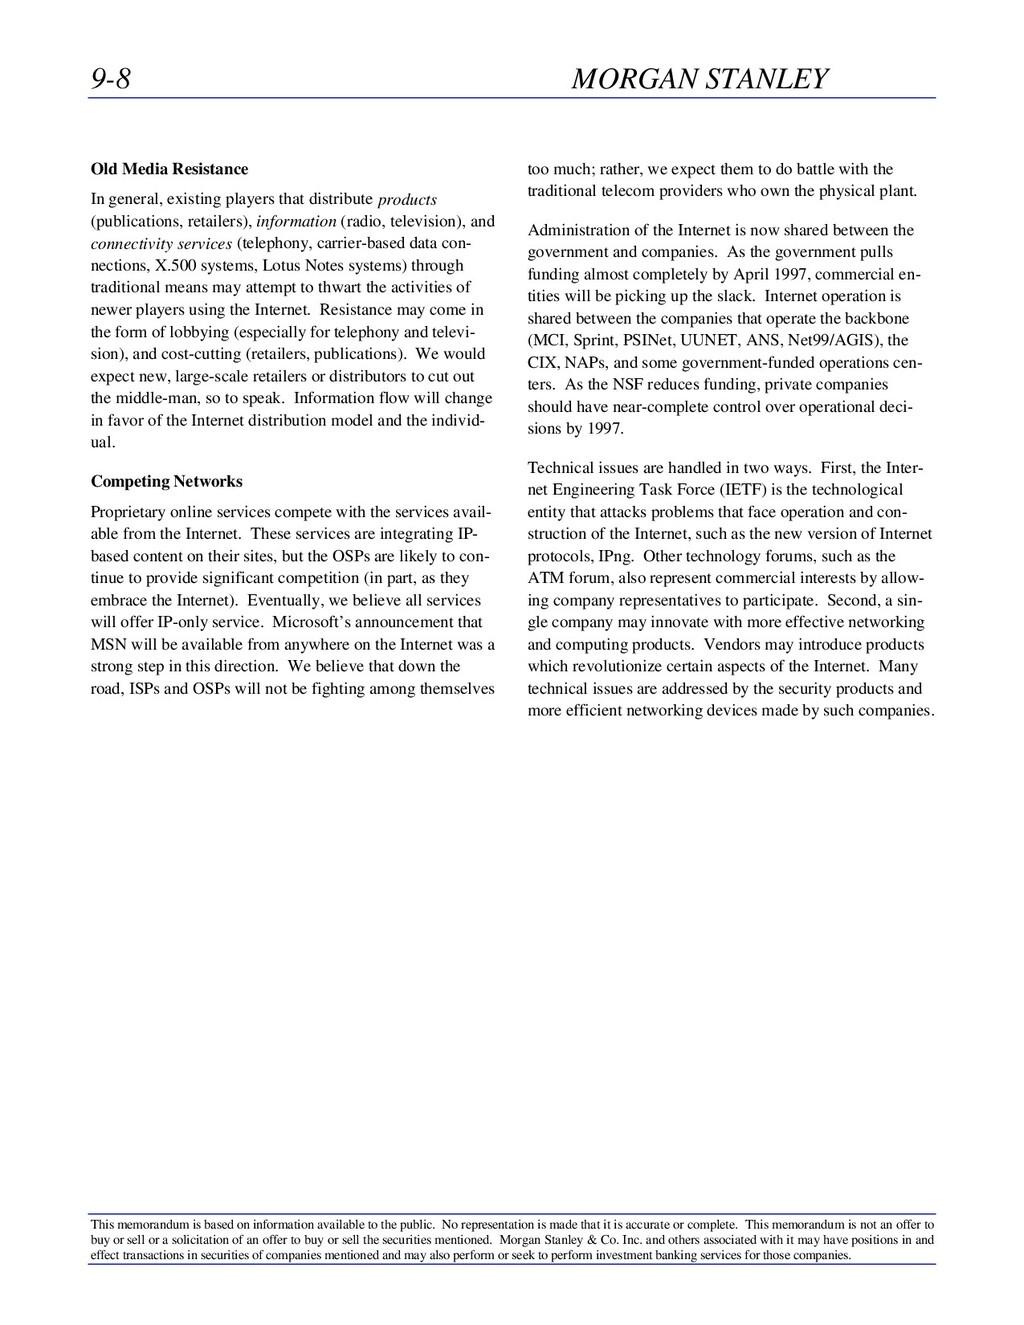 9-8 MORGAN STANLEY This memorandum is based on ...